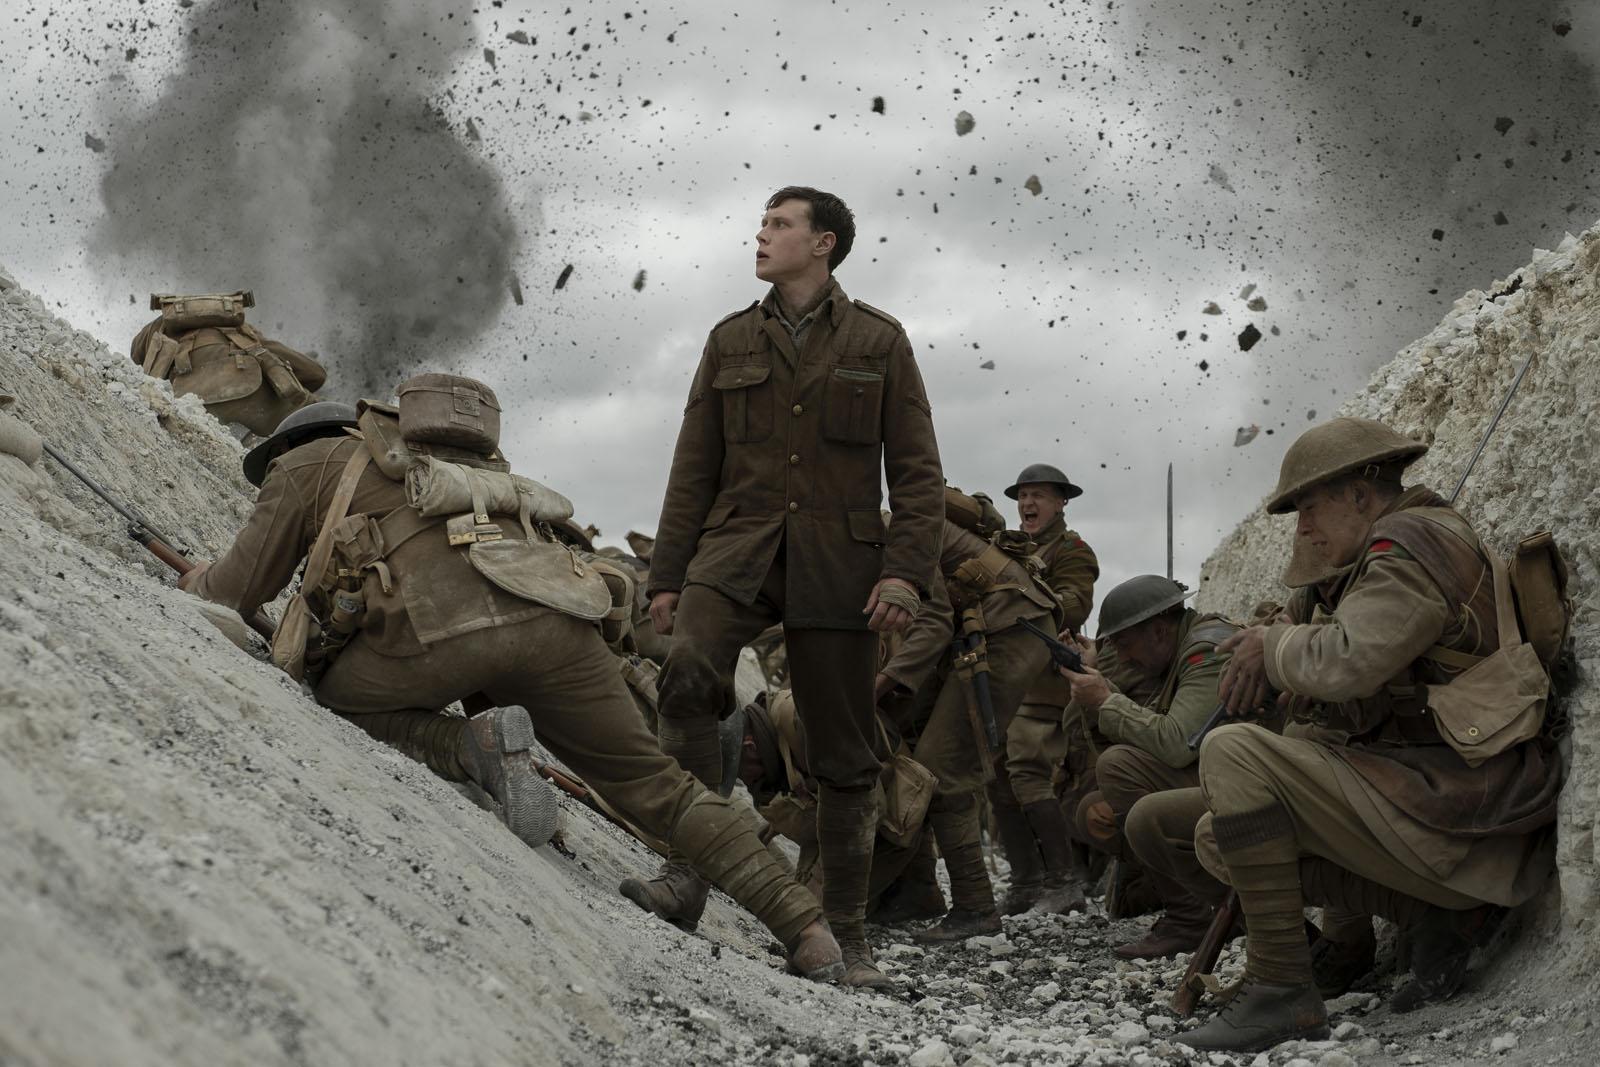 Les films au cinéma ce mercredi 15 janvier — Bandes-annonces